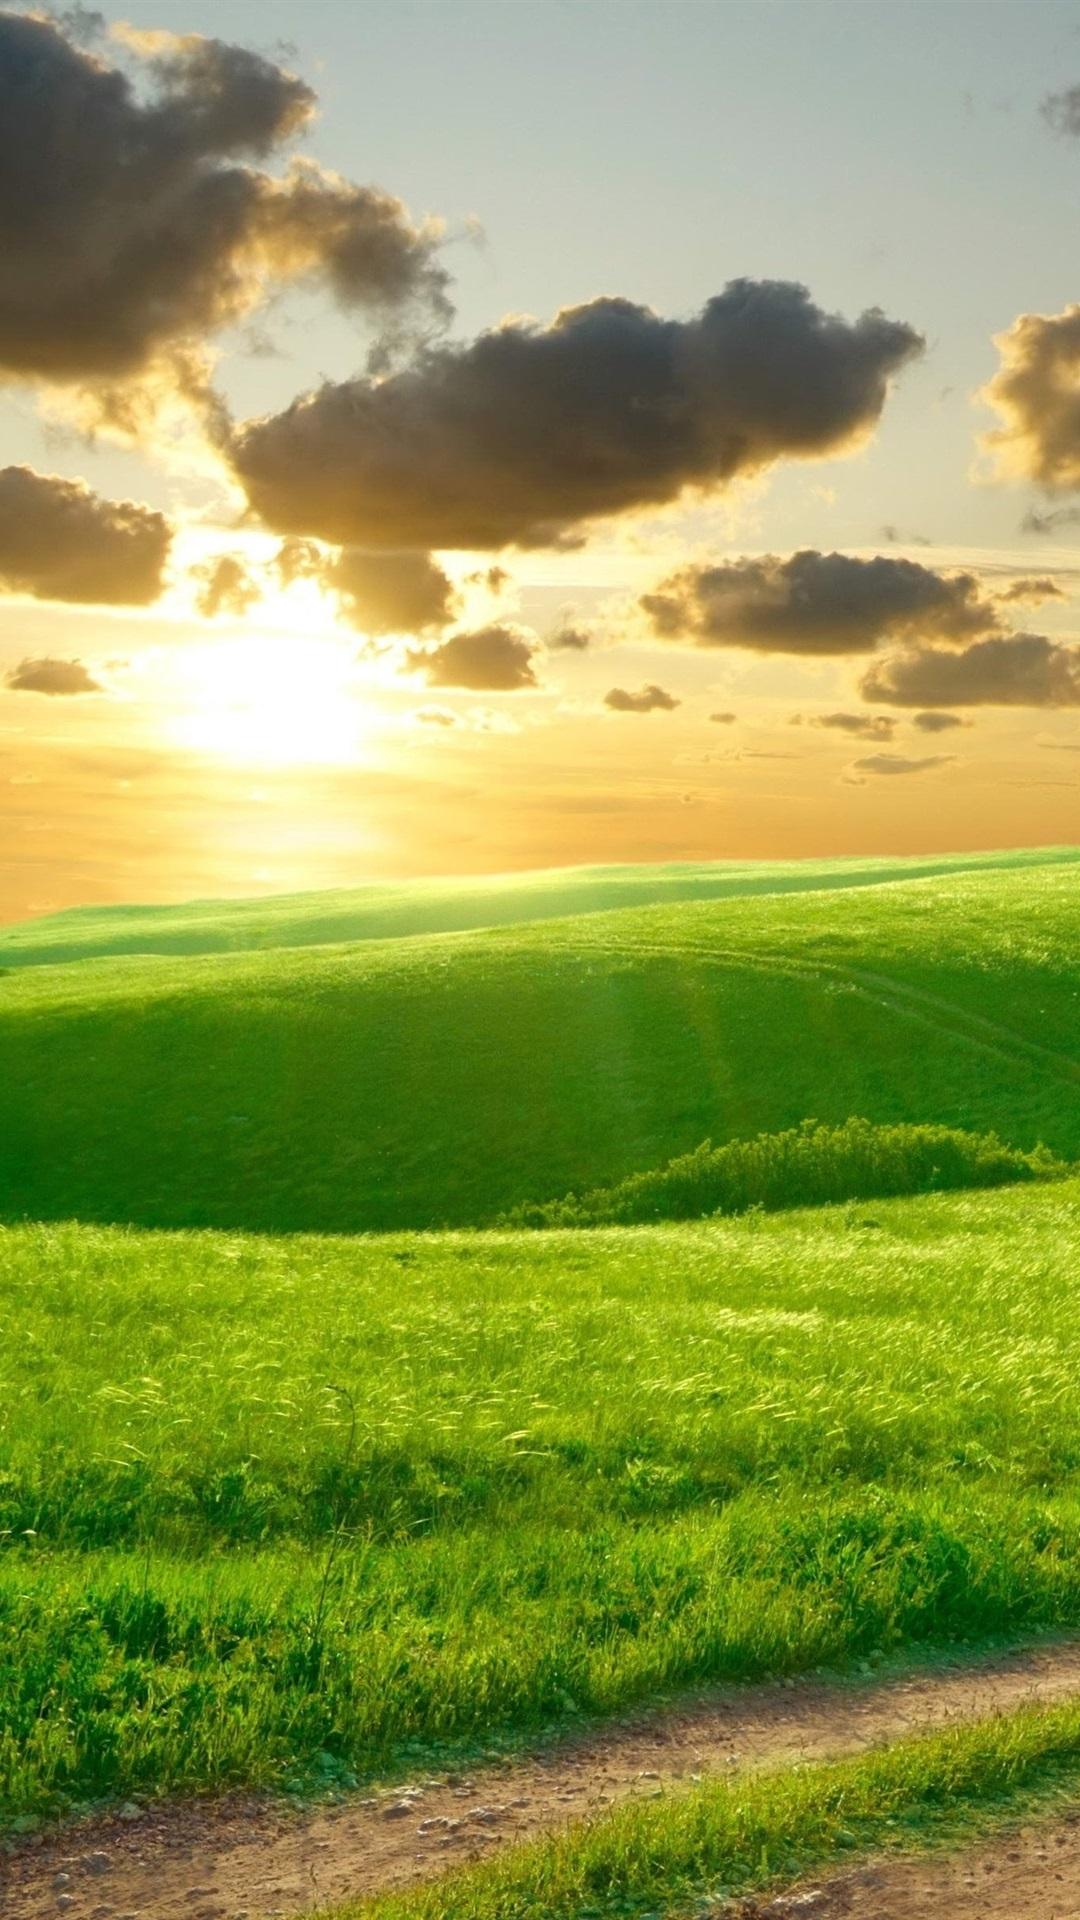 壁纸 美丽的绿草,早晨,小山,路,云彩,日出 3840x2160 Uhd 4k 高清壁纸 图片 照片